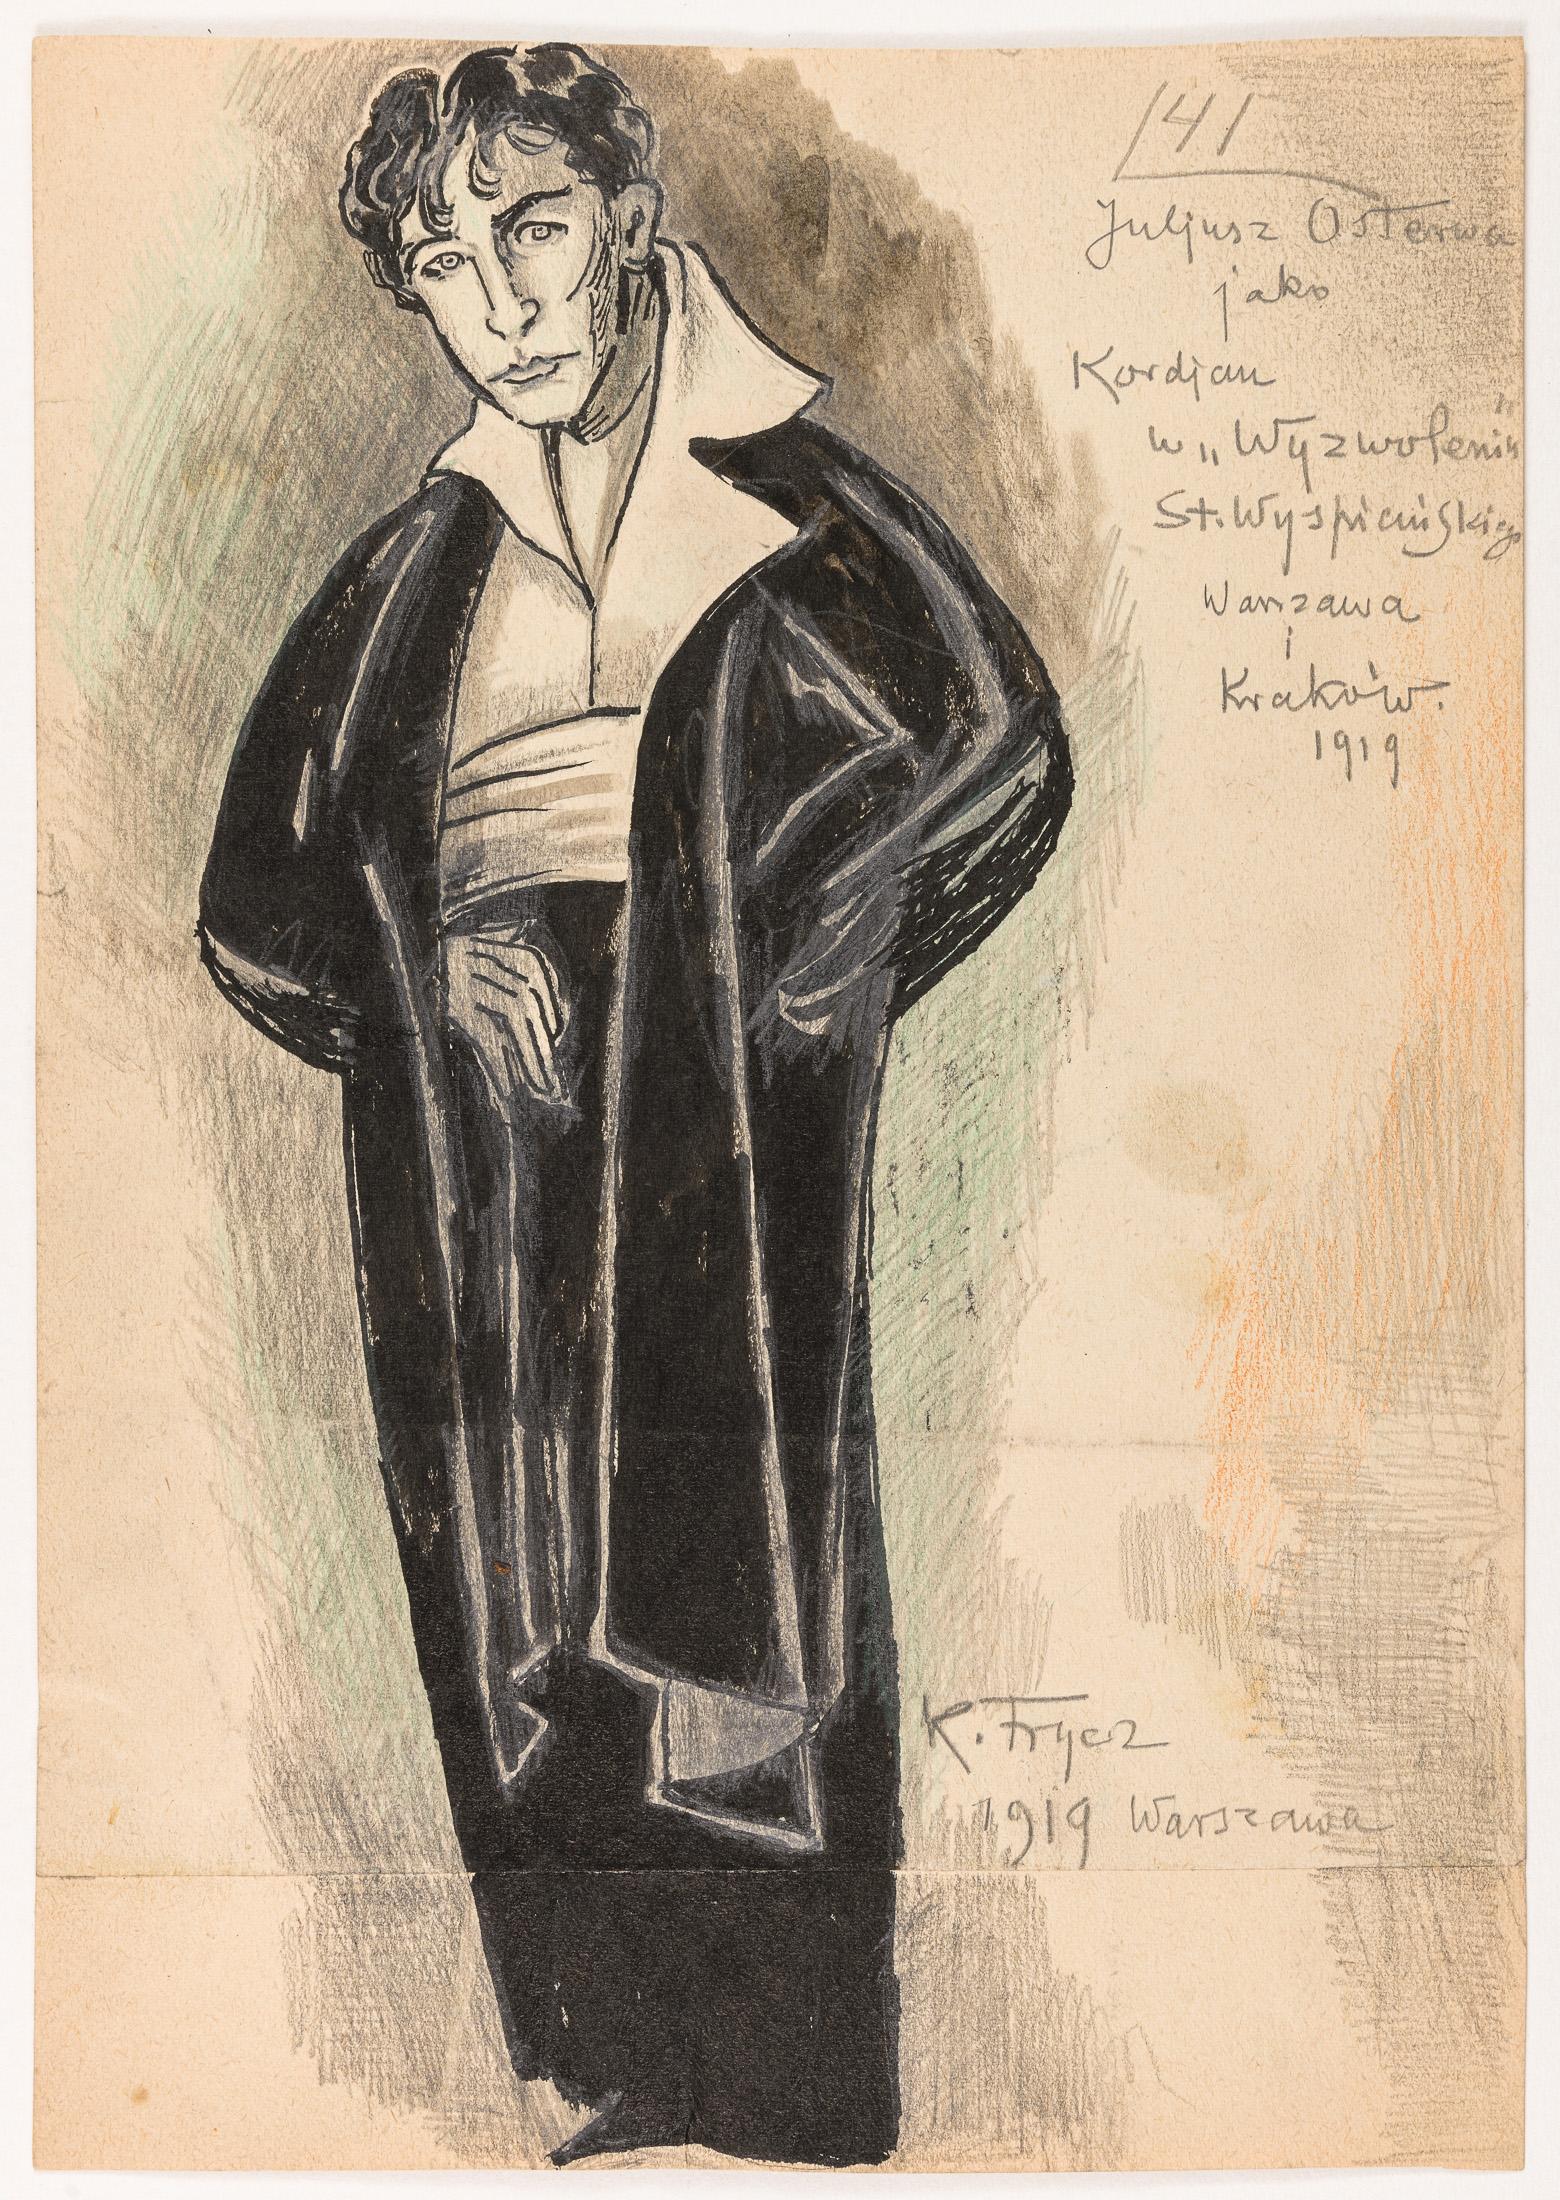 """Juliusz Osterwa jako Kordian z """"Wyzwolenie"""" Stanisława Wyspiańskiego, 1919"""